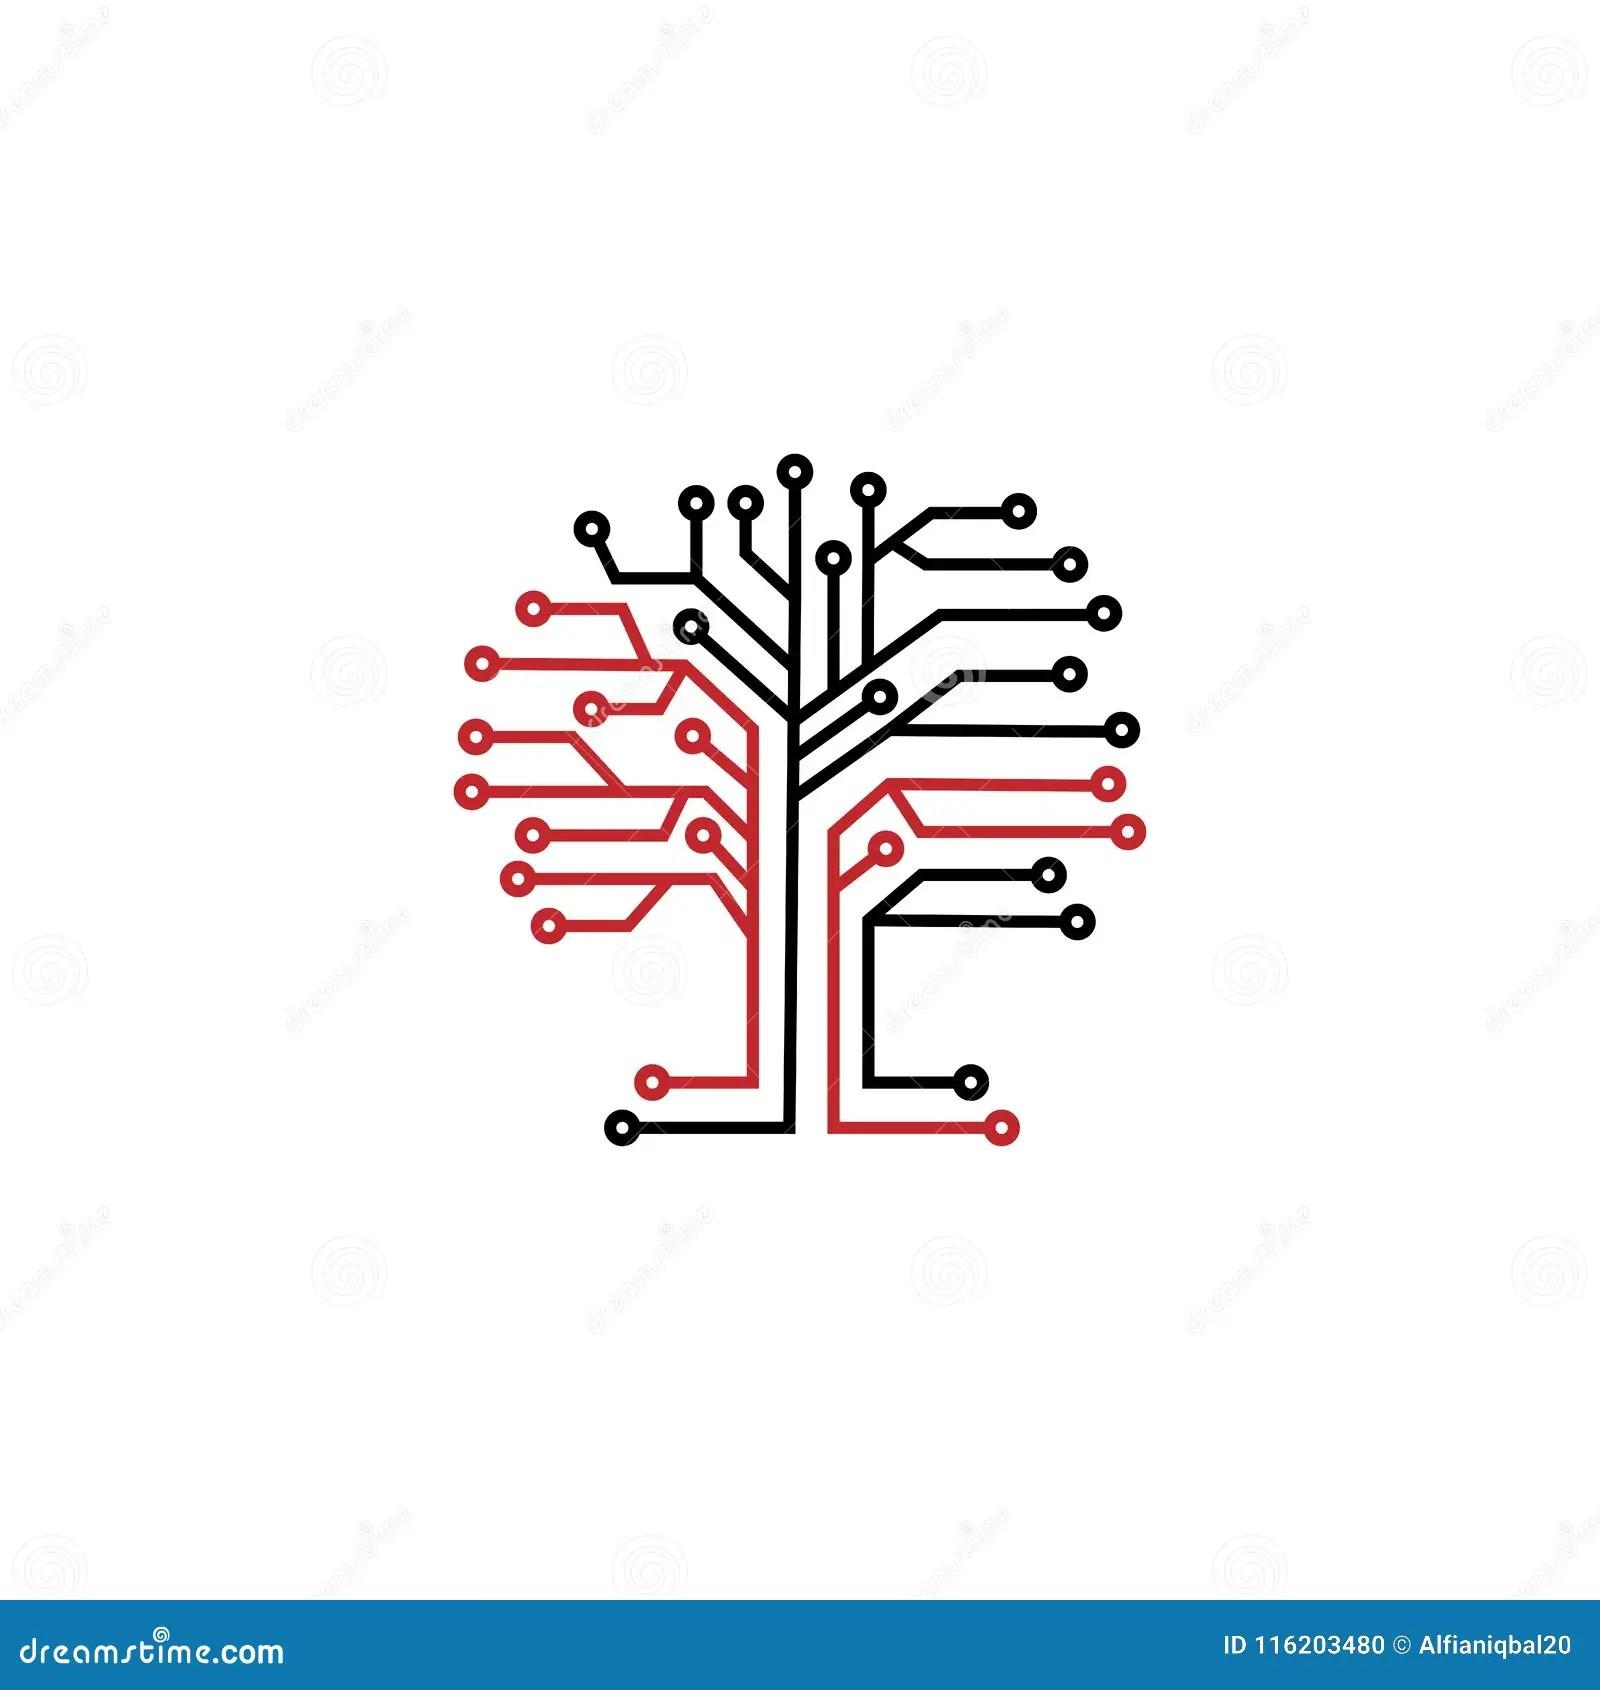 Learning Tree Logo Vector Illustration